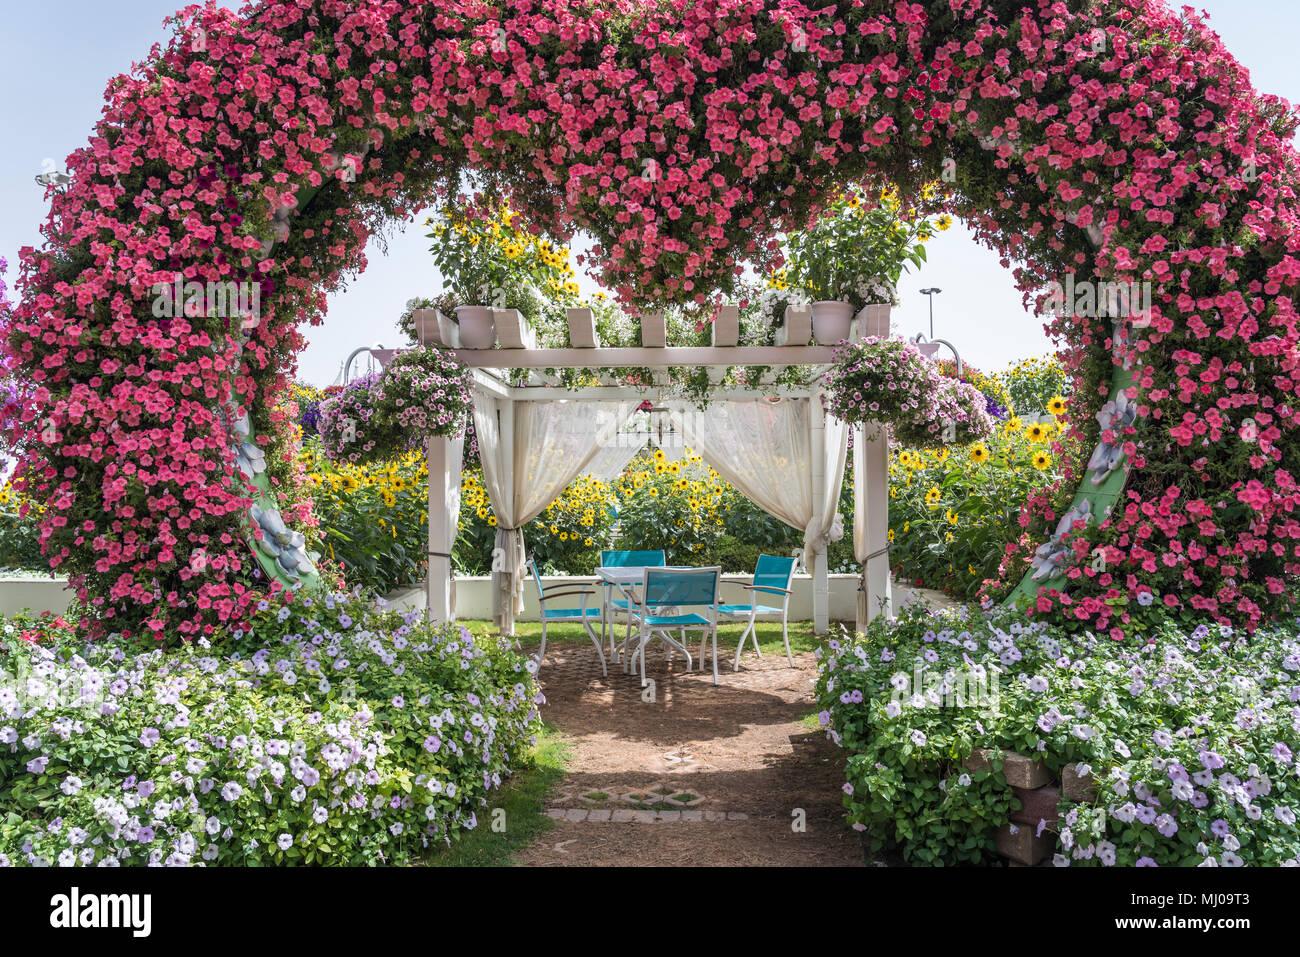 A forma di cuore arredamento da giardino presso il miracolo di giardini in Dubai, UAE, Medio Oriente. Immagini Stock